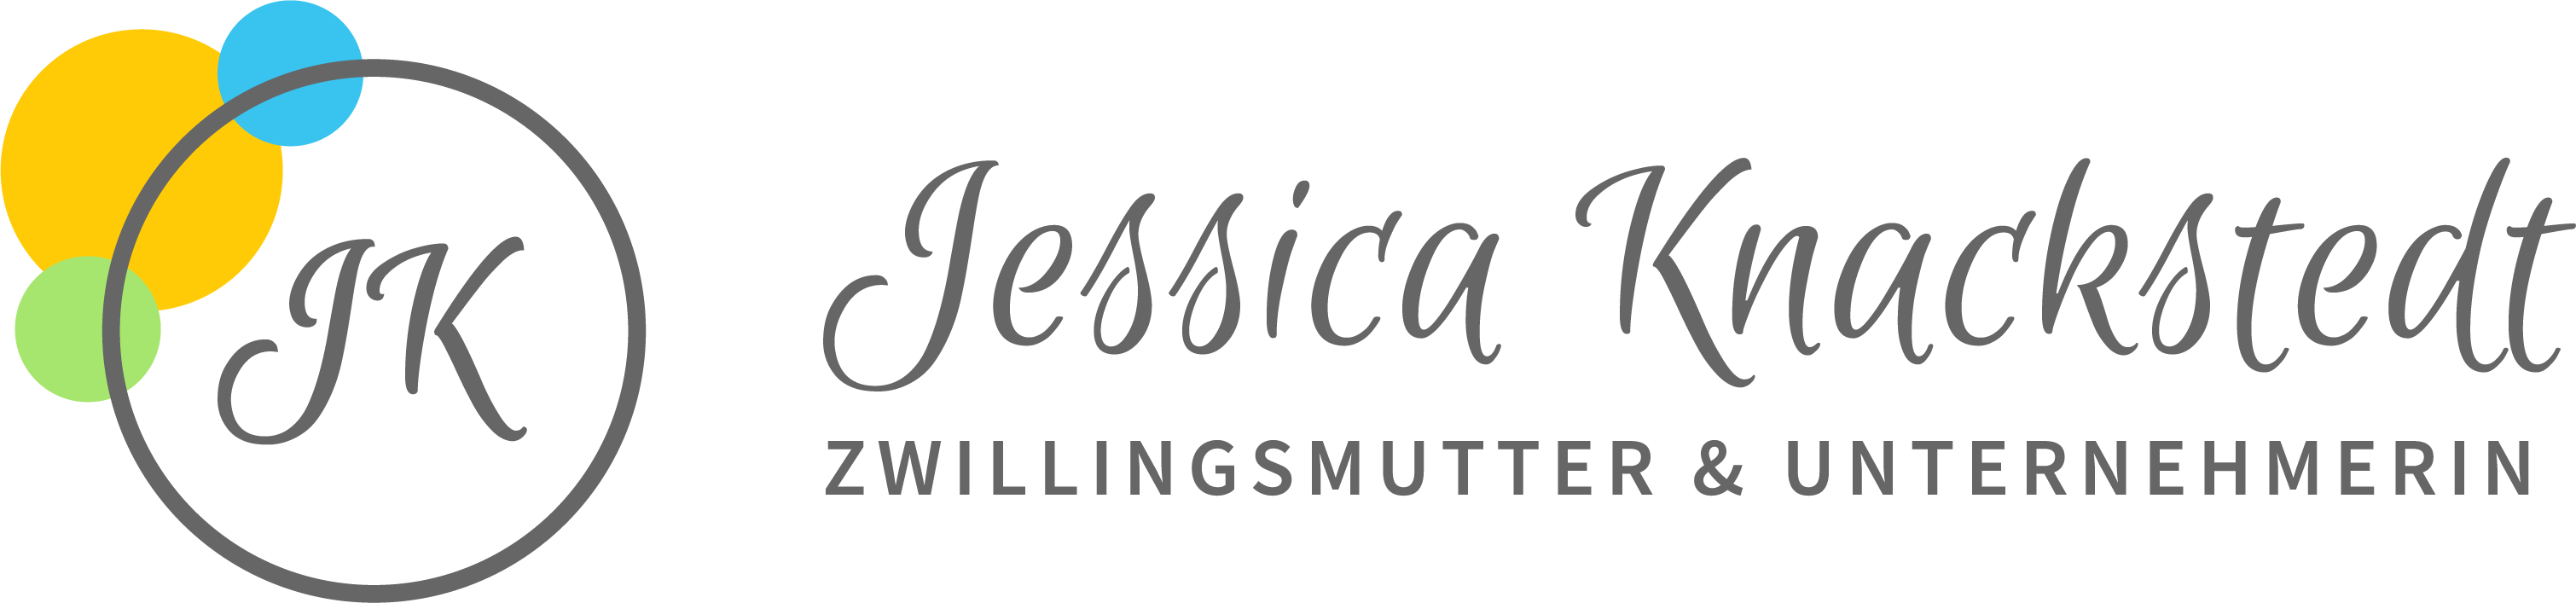 Jessica Knackstedt Zwillingsmutter & Unternehmerin